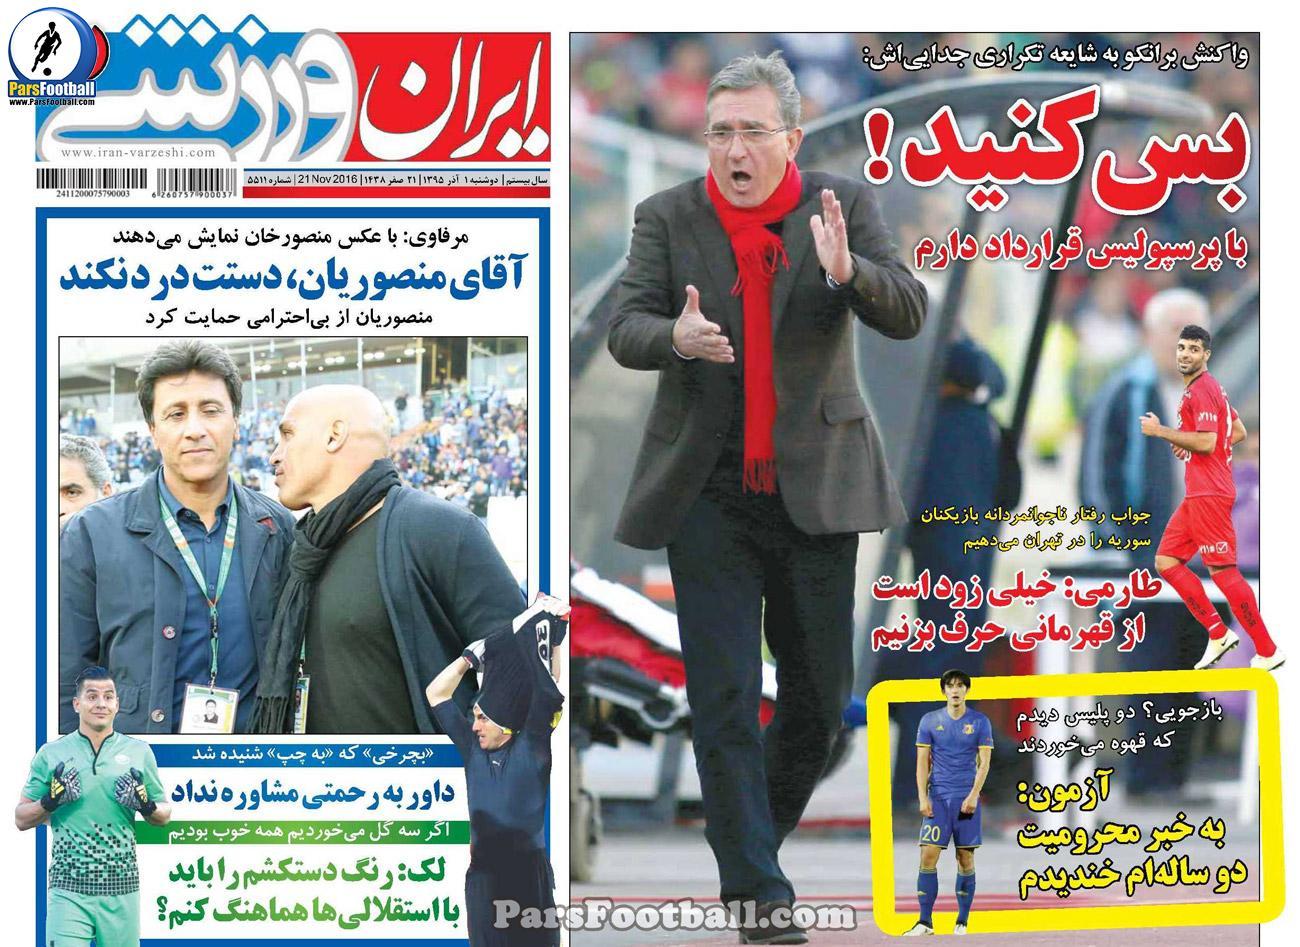 روزنامه ایران ورزشی دوشنبه 1 آذر 95